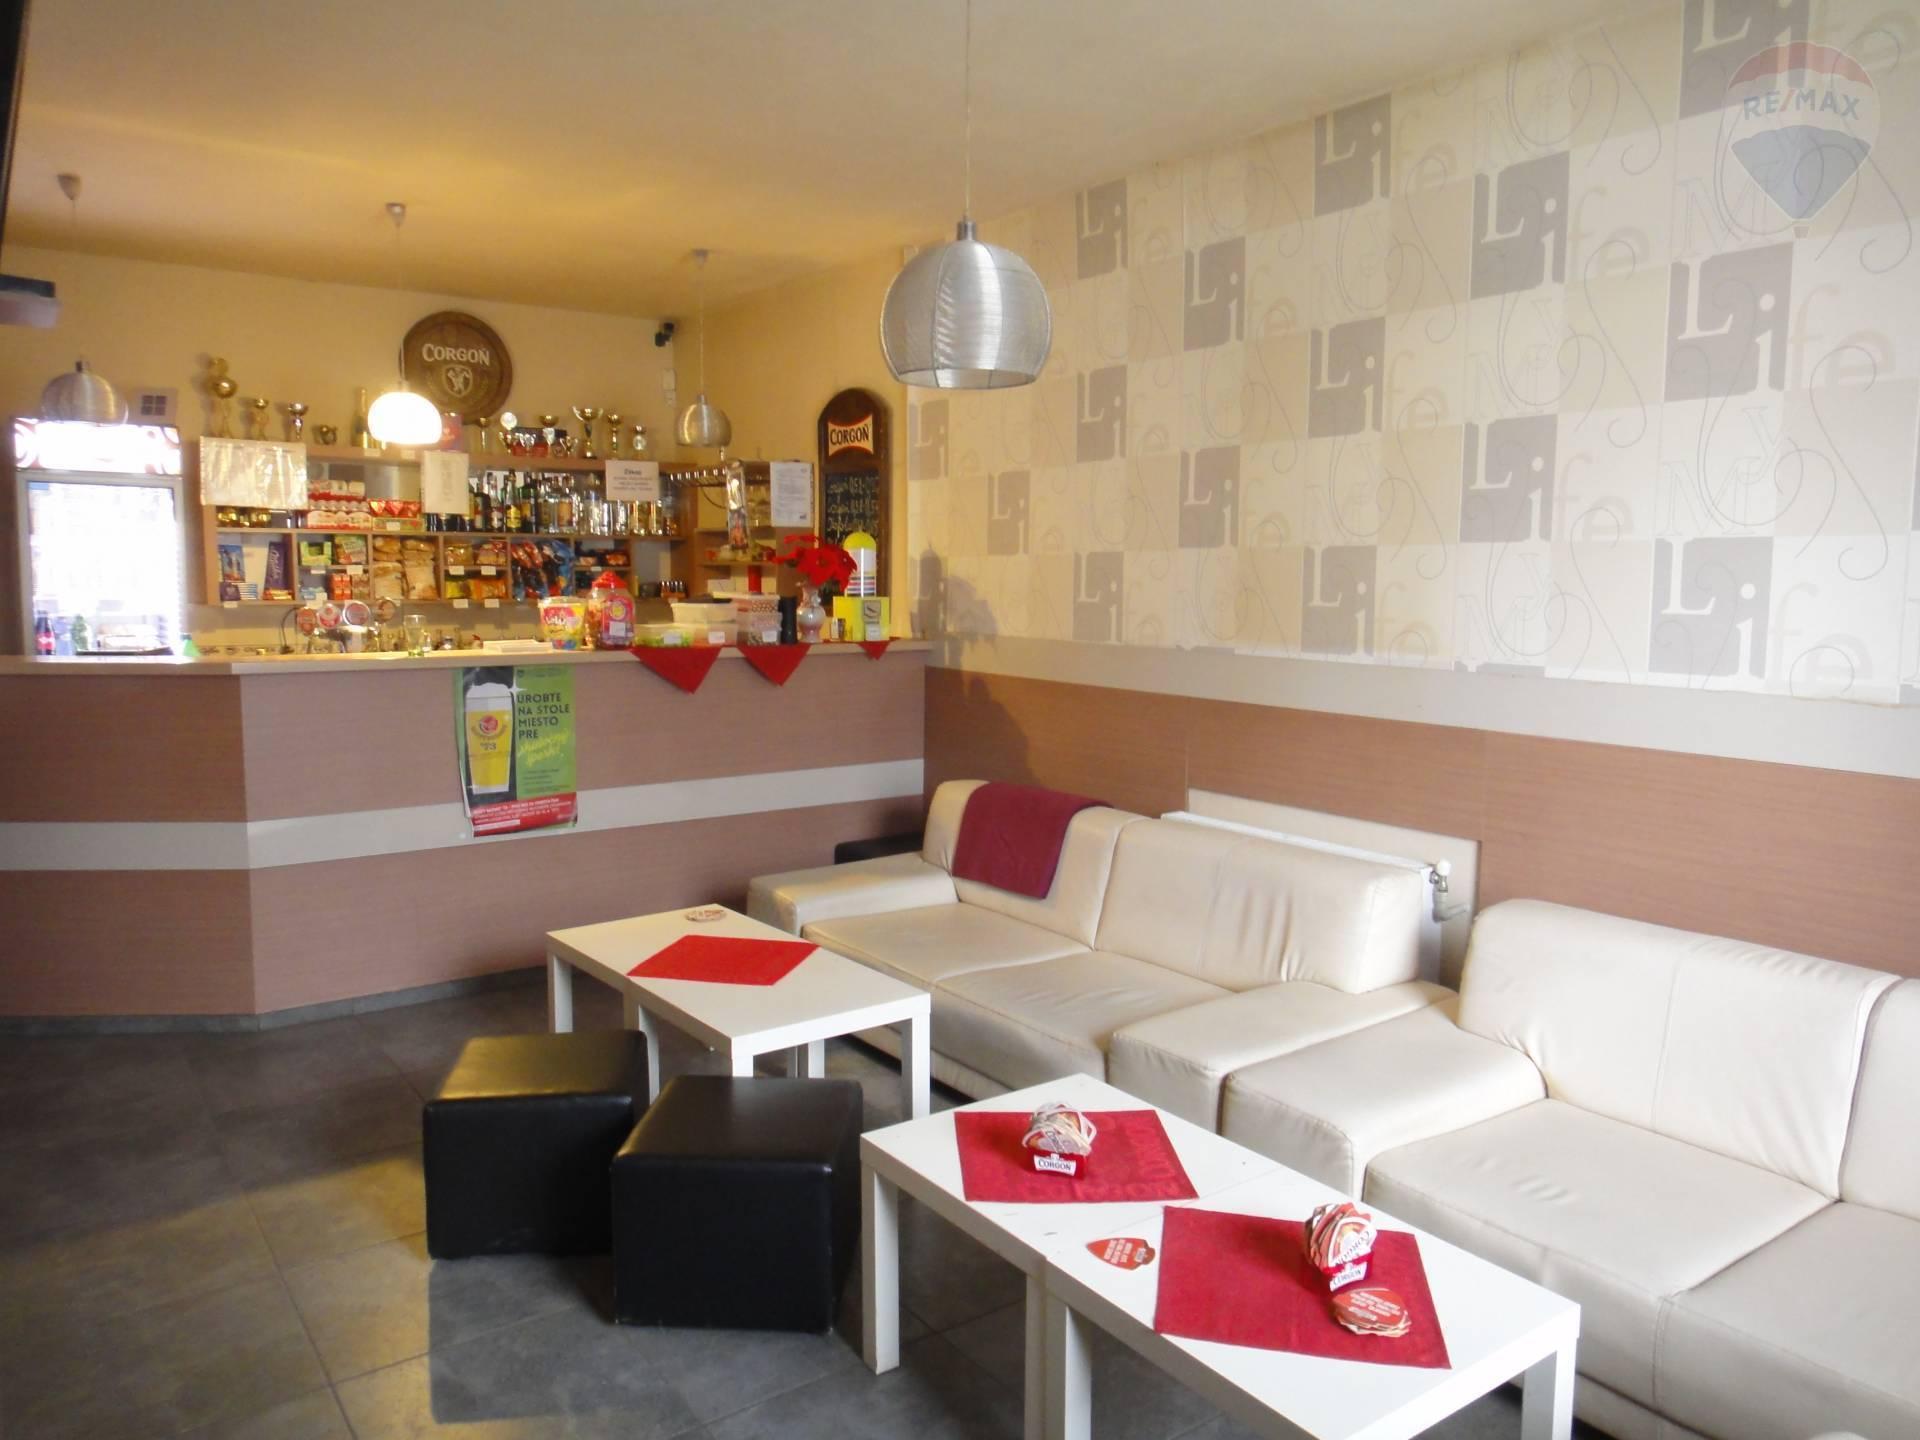 Predaj komerčného priestoru 754 m2, Horný Pial - bar nefajčiarska miestnosť